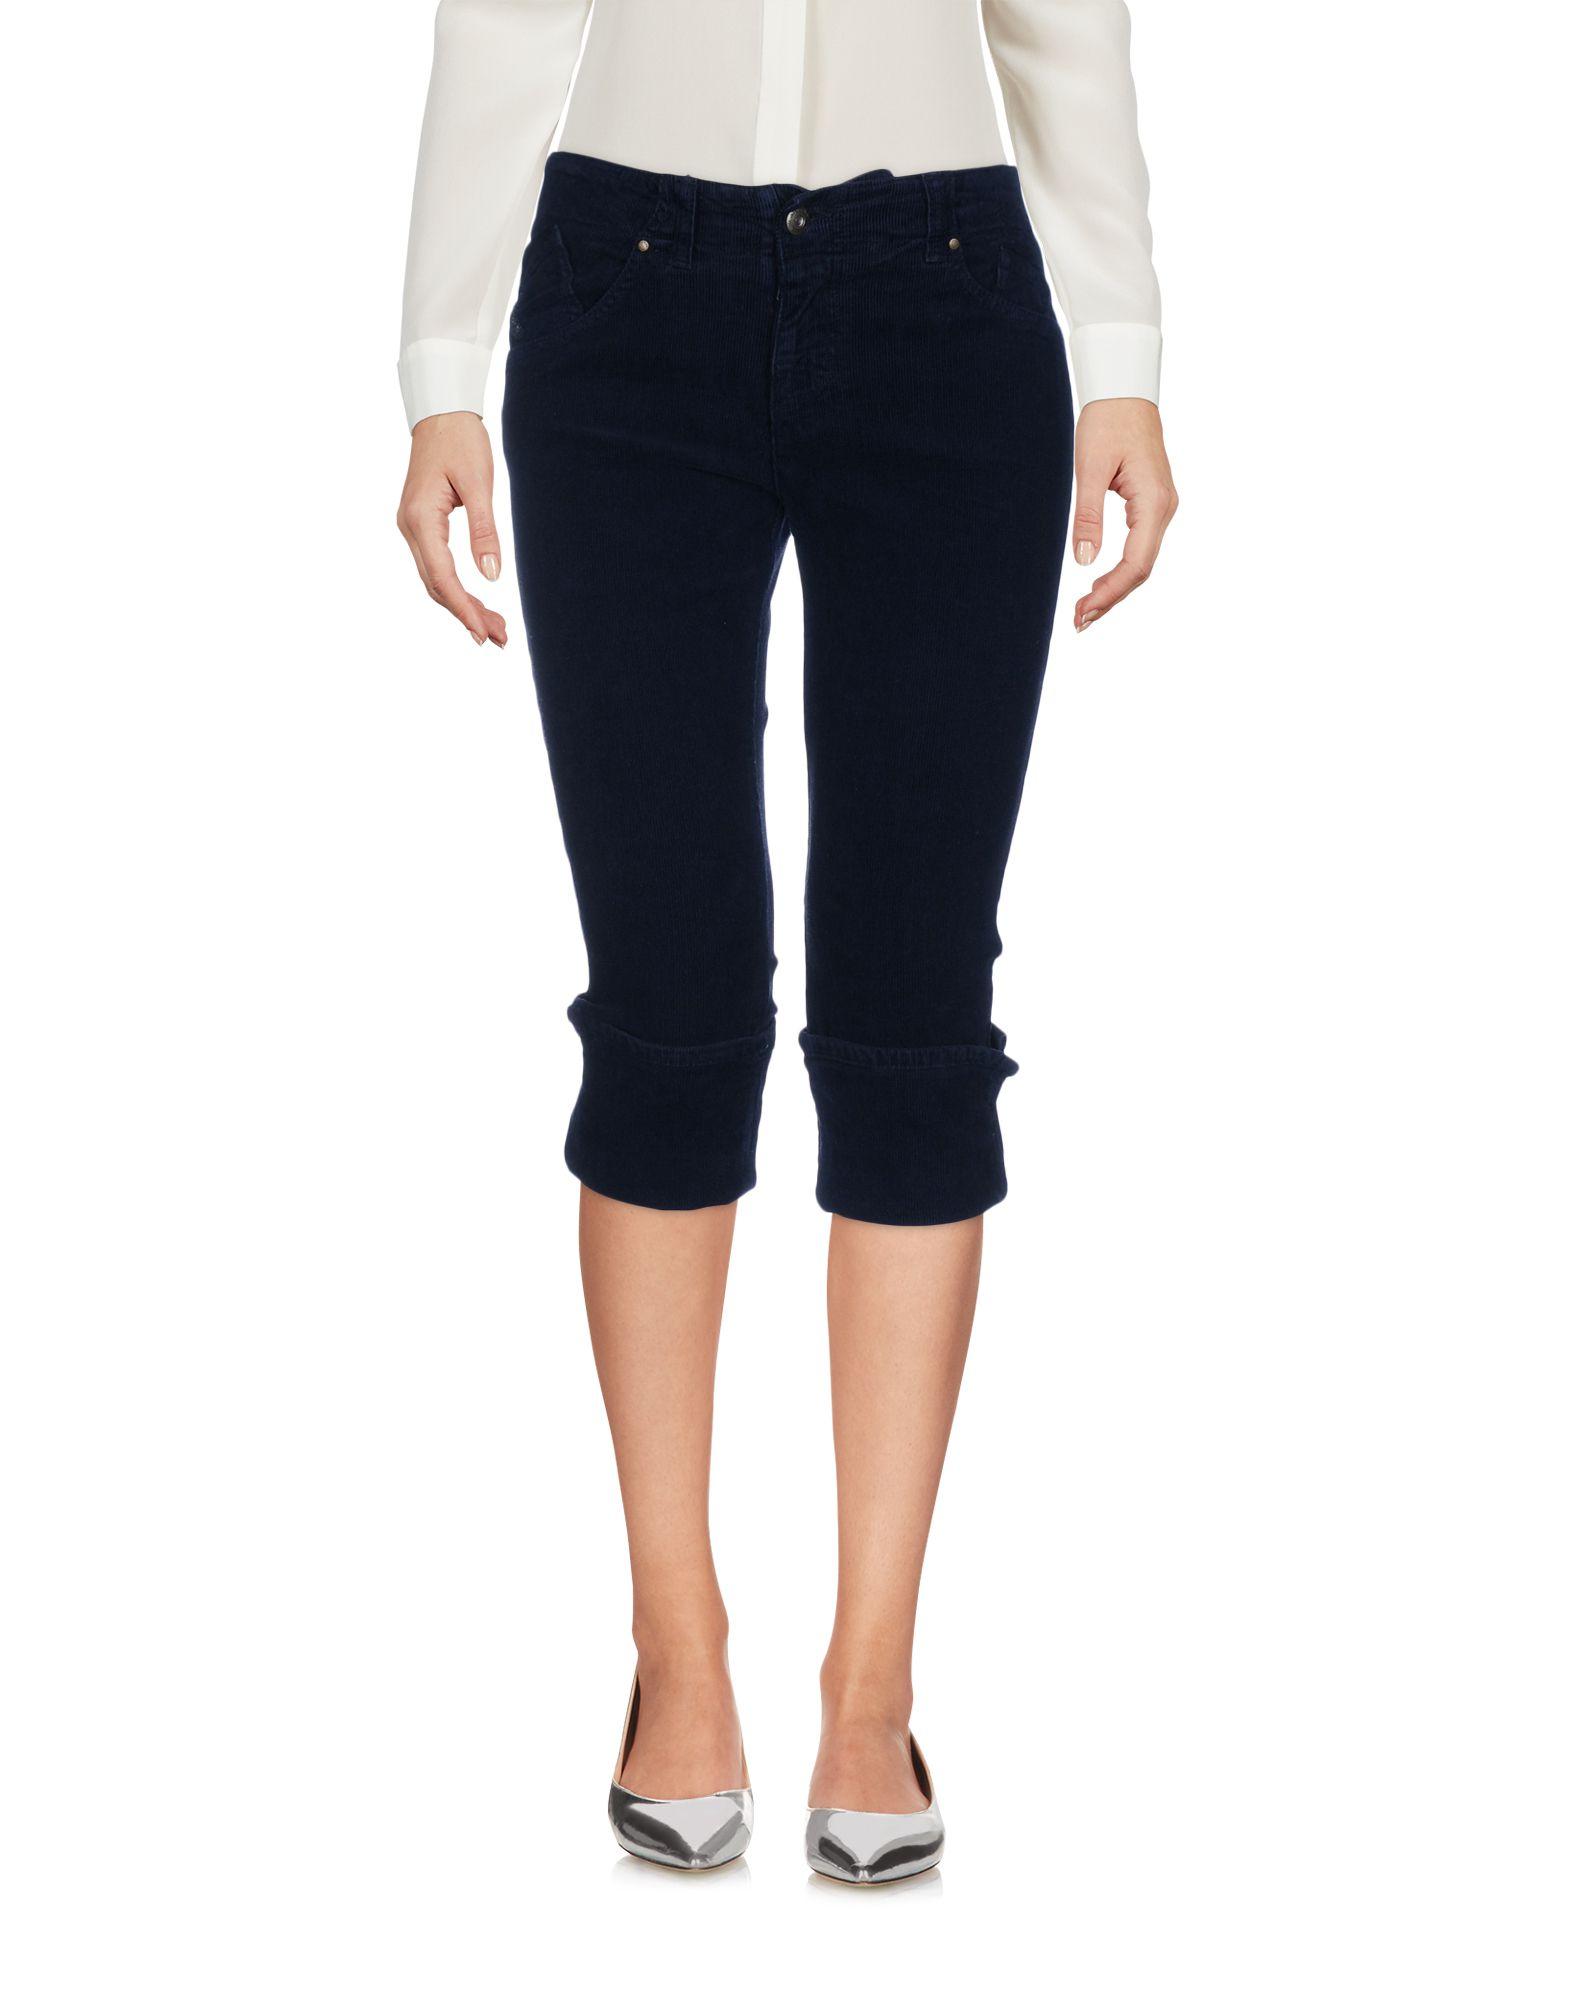 Pantalone Dritto Armani Jeans Donna - Acquista online su qJqWEtoadp